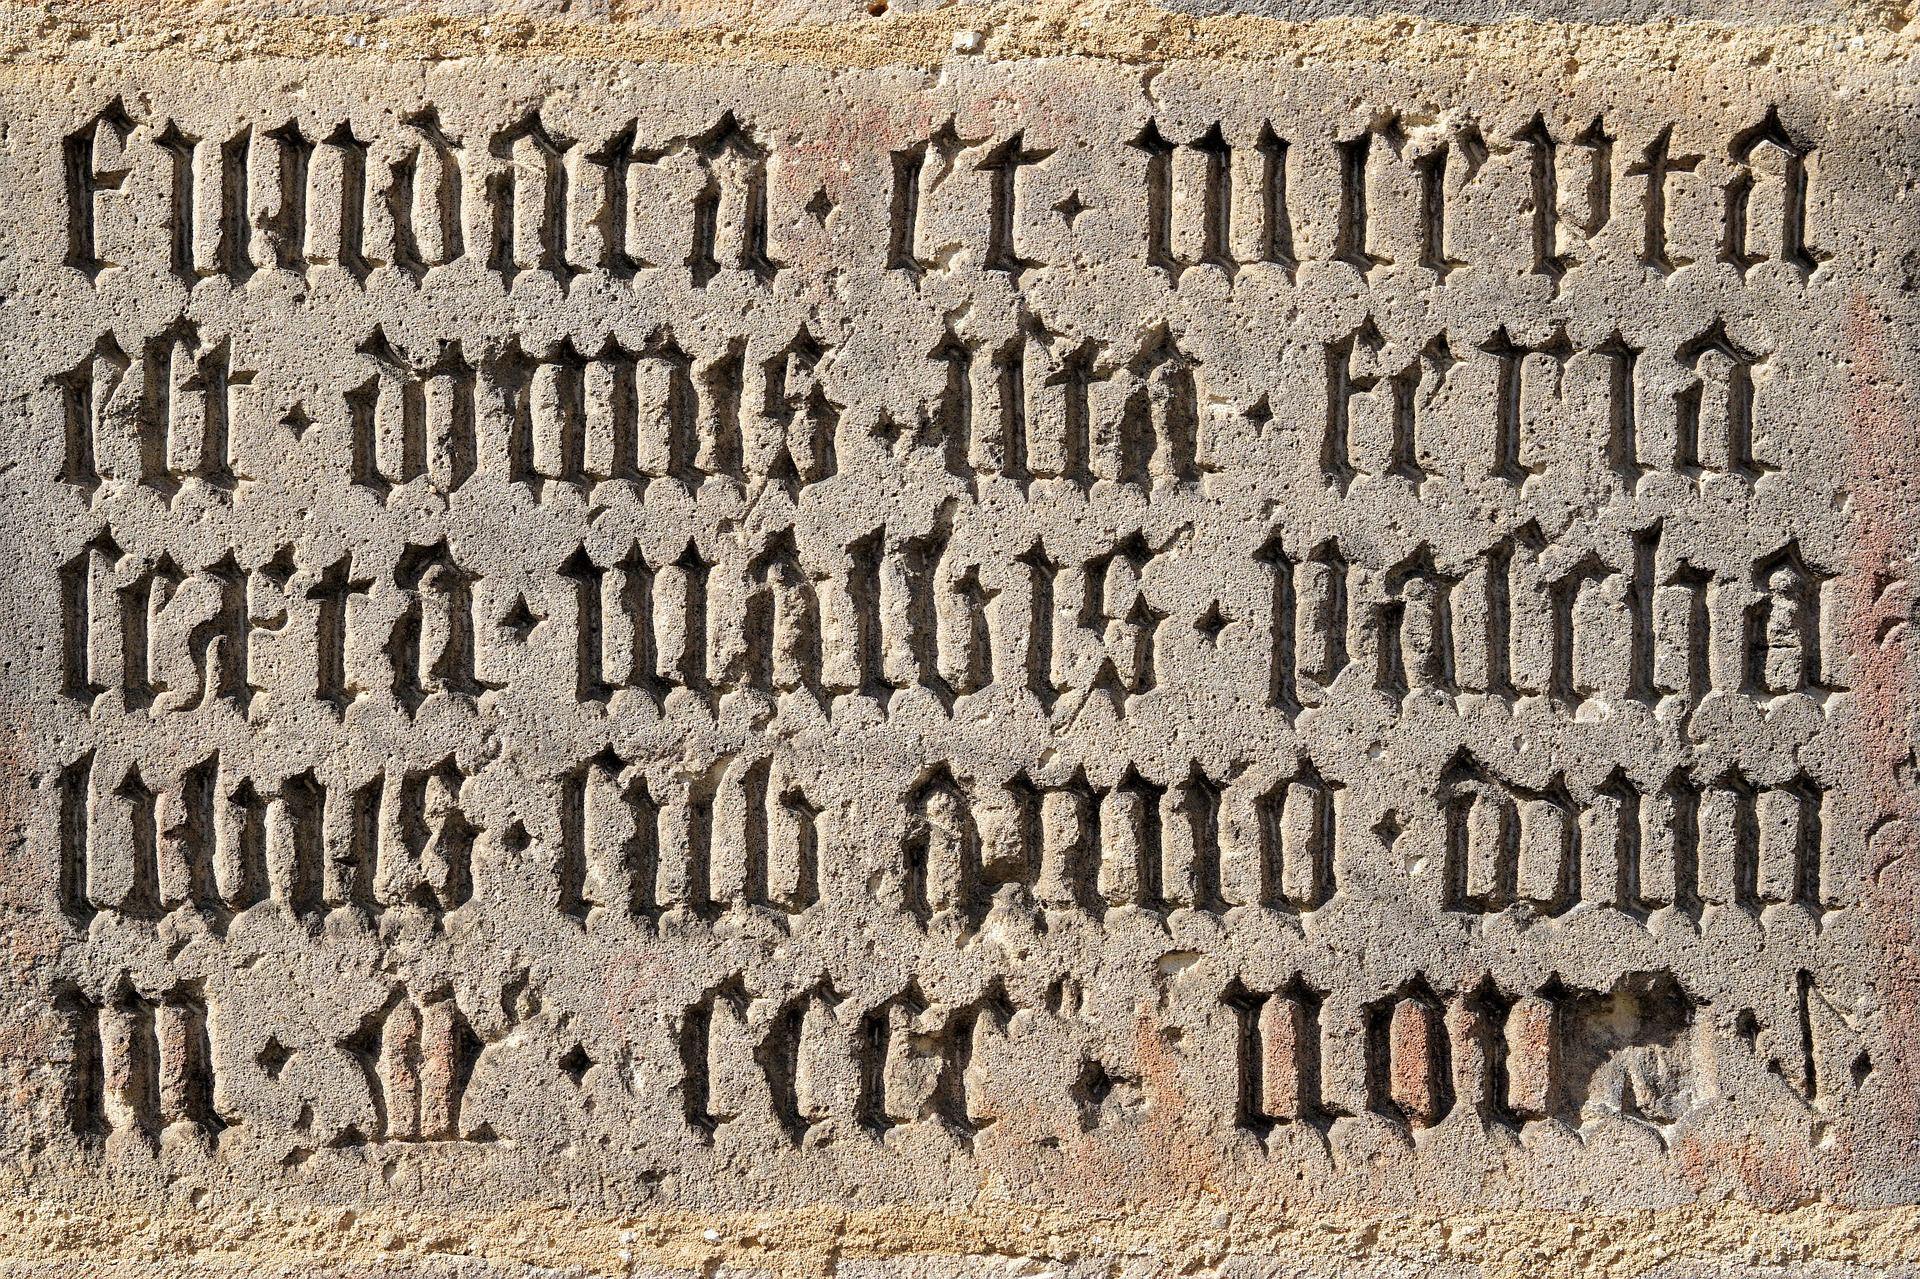 Latin inscribed in stone.